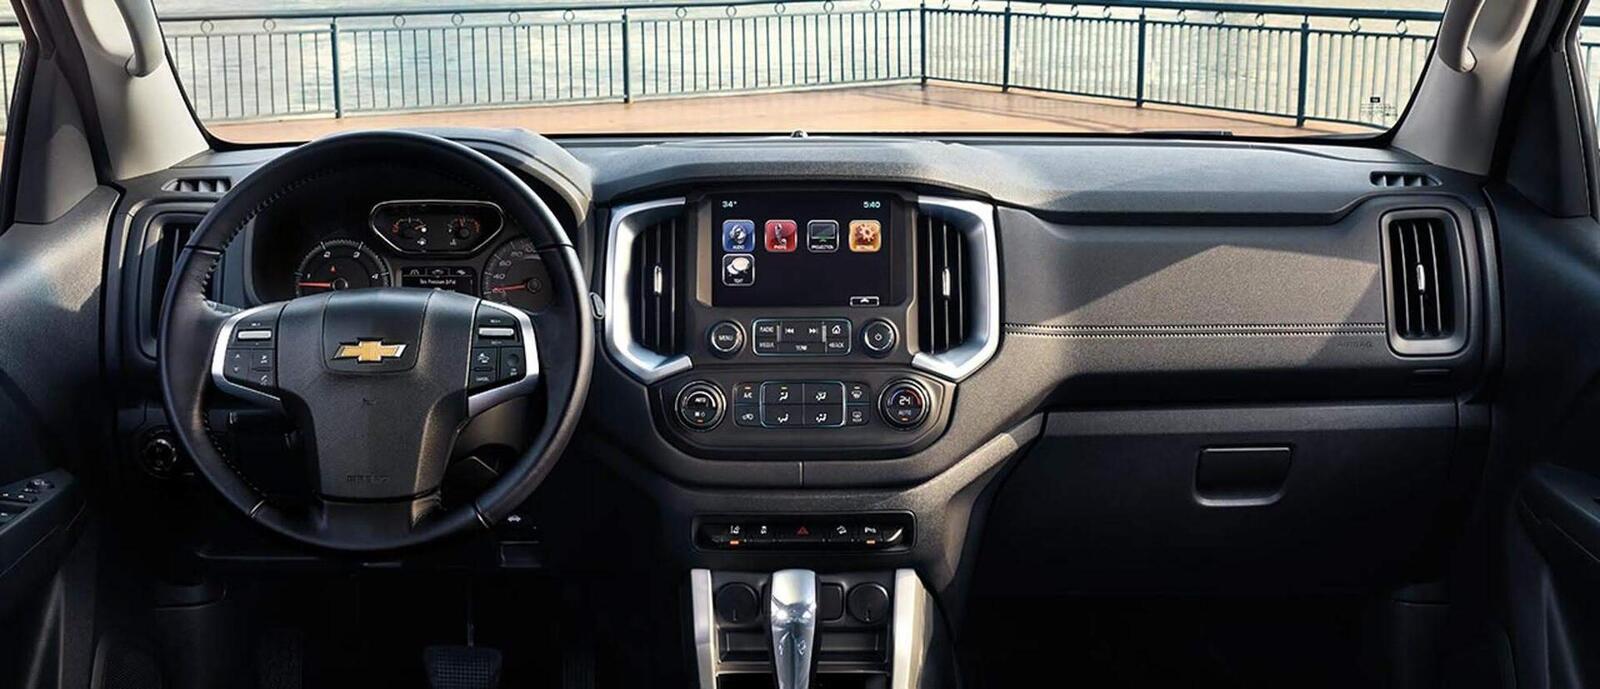 Chevrolet Trailblazer đã có giá bán; chỉ từ 859 triệu đồng - Hình 19